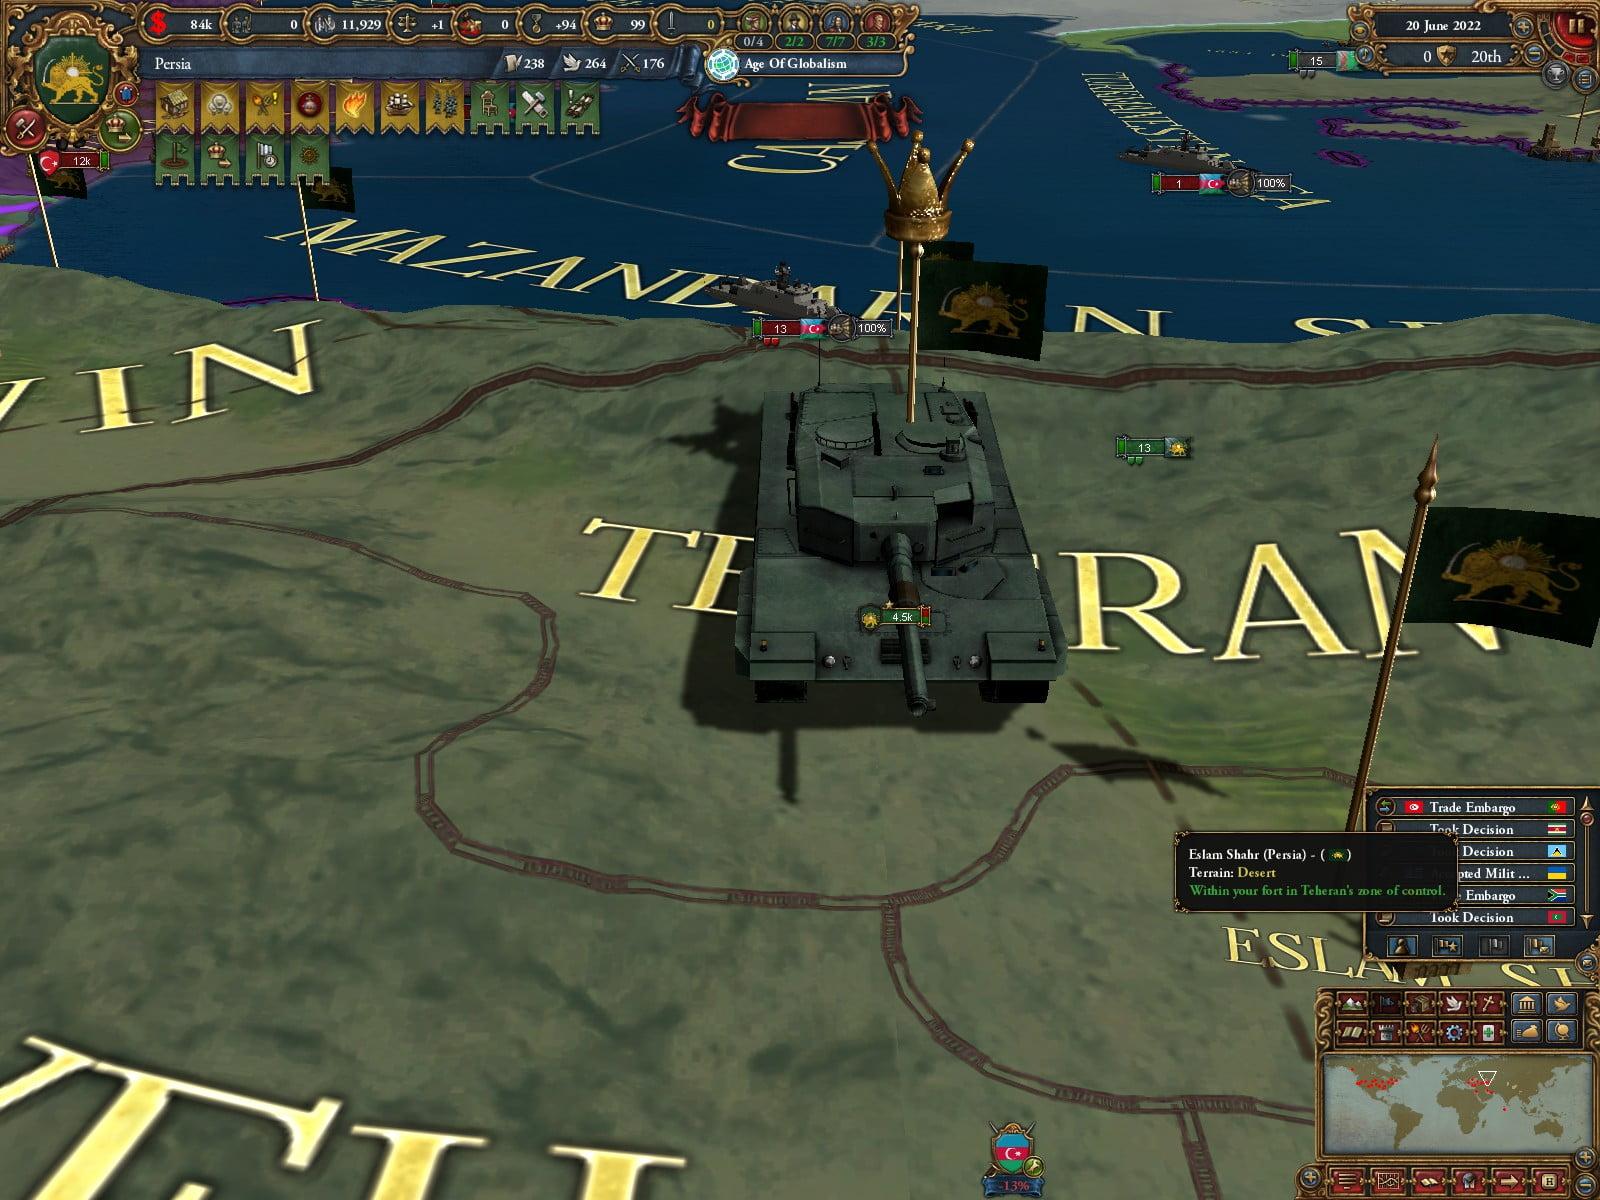 دانلود مد Modern EU4 برای بازی Europa Universalis IV